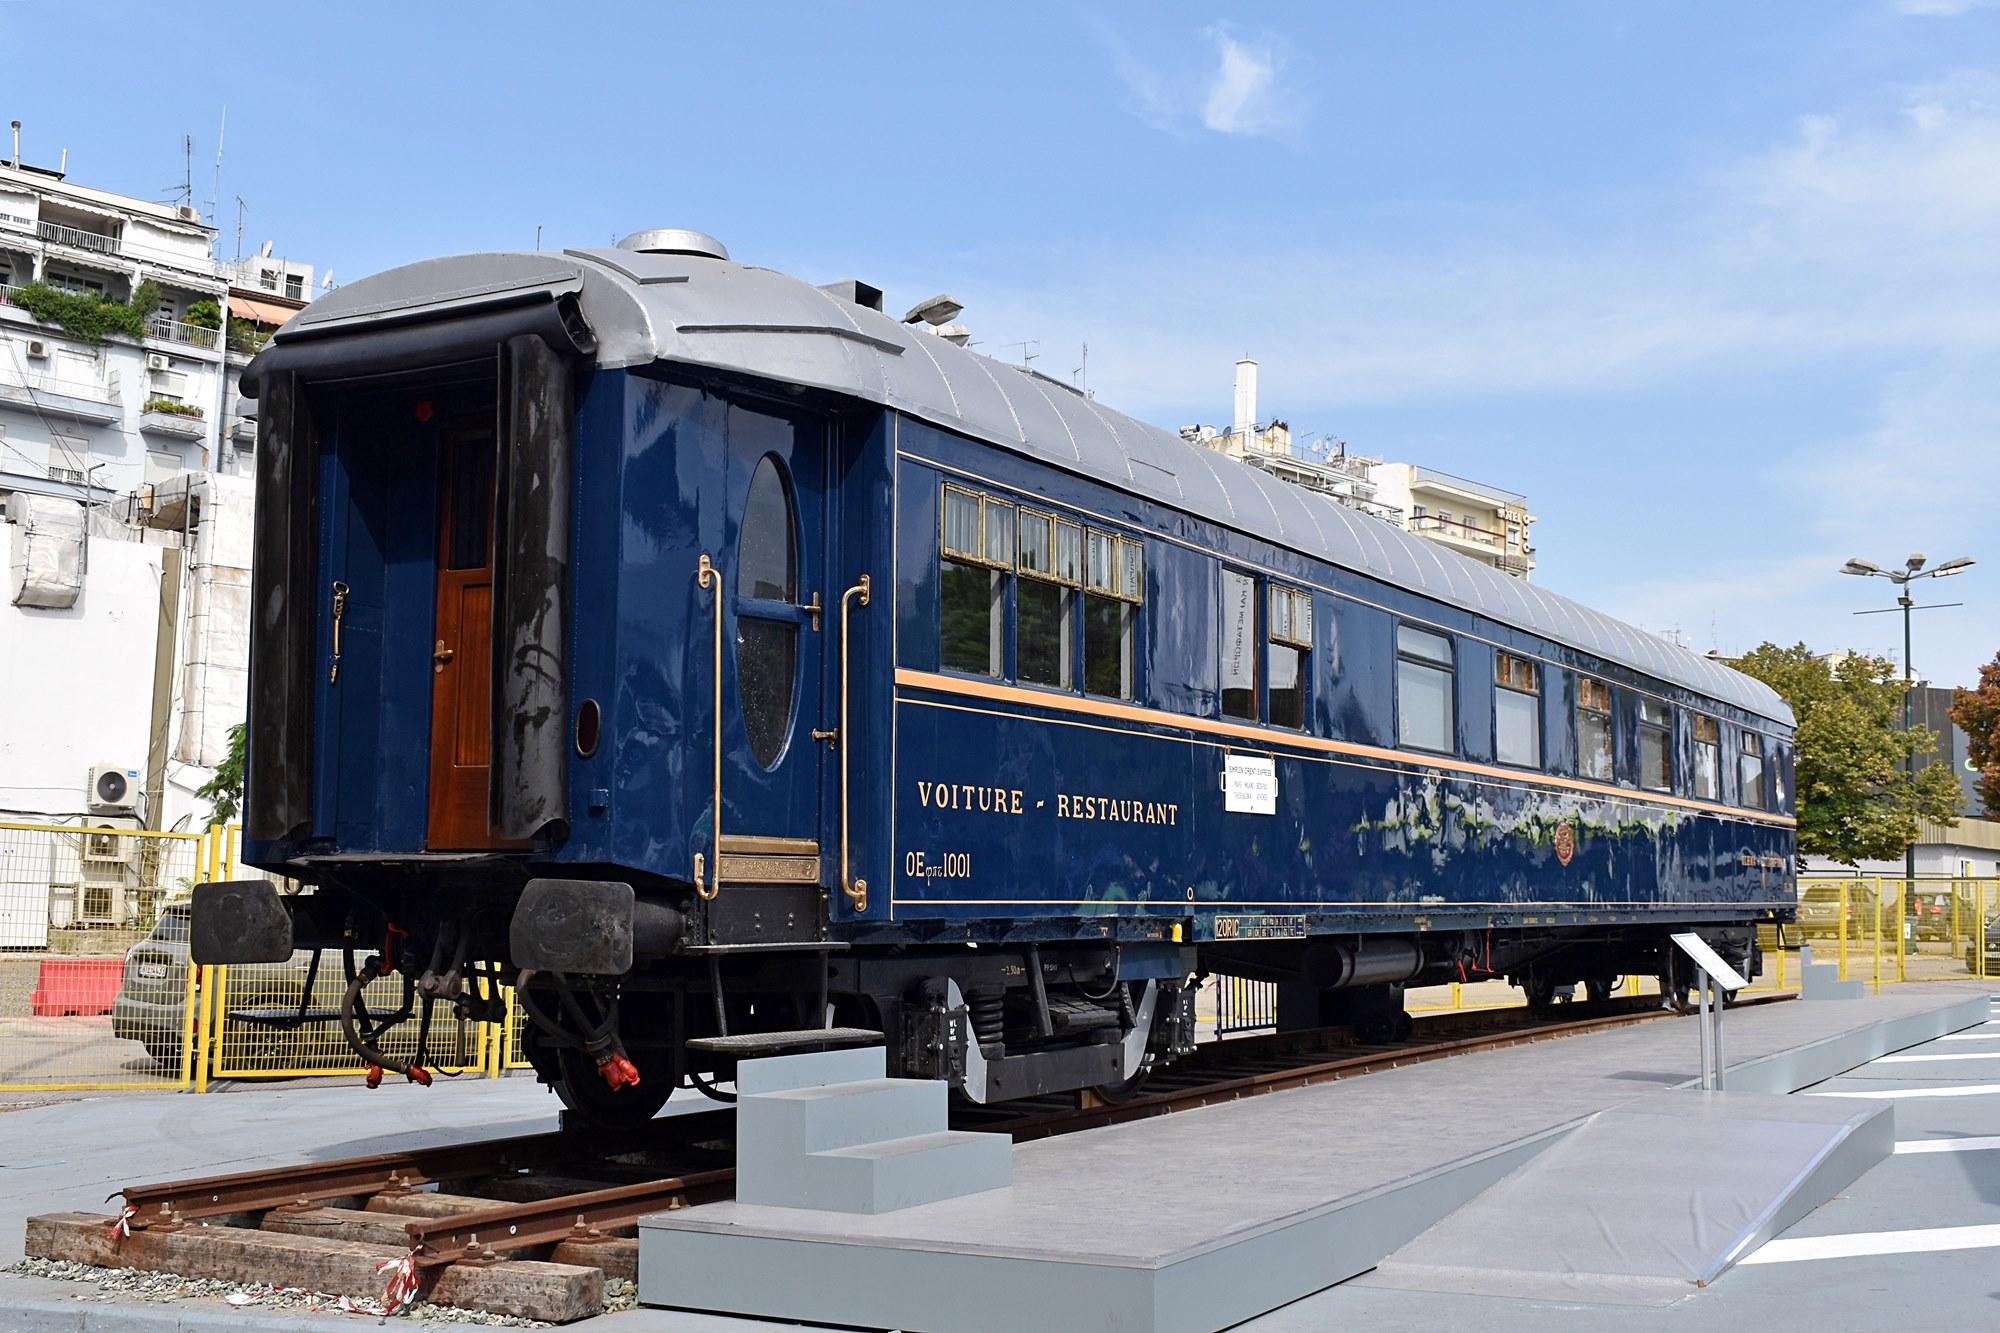 Η Μουσειακή Αποκατάσταση του Οχήματος-Εστιατορίου του Simplon-Orient Express από τον ΟΣΕ